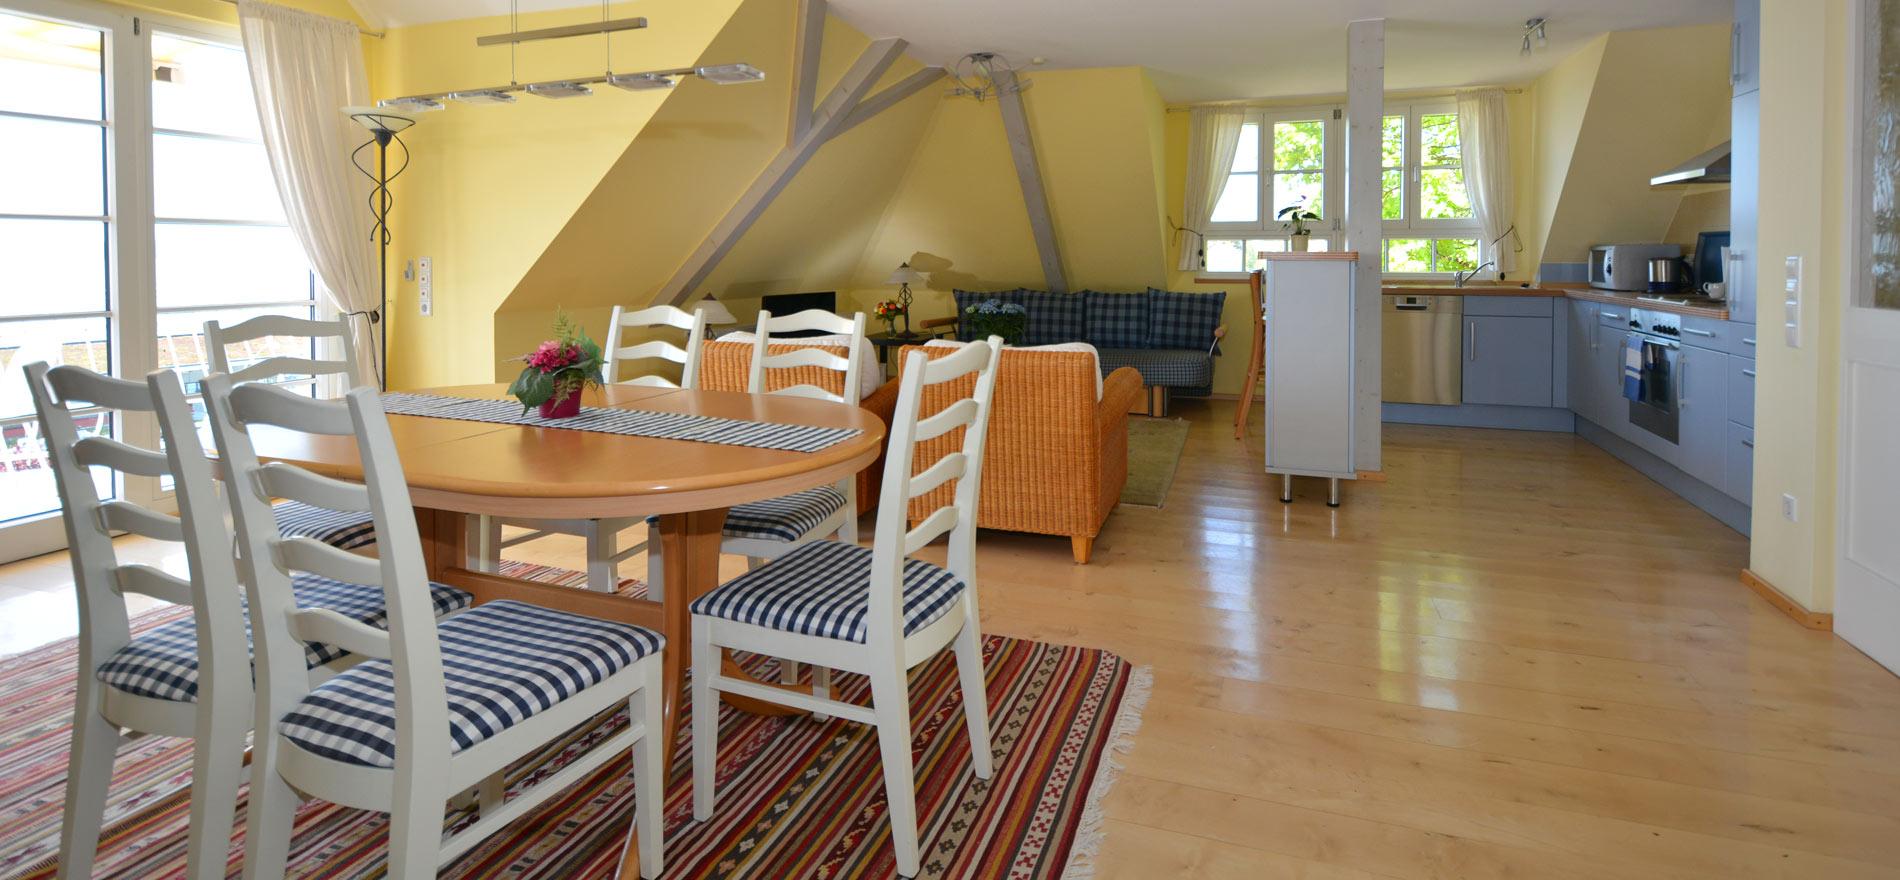 Ferienwohnung Pfarrhaus in Meersburg - Wohnung 6 3